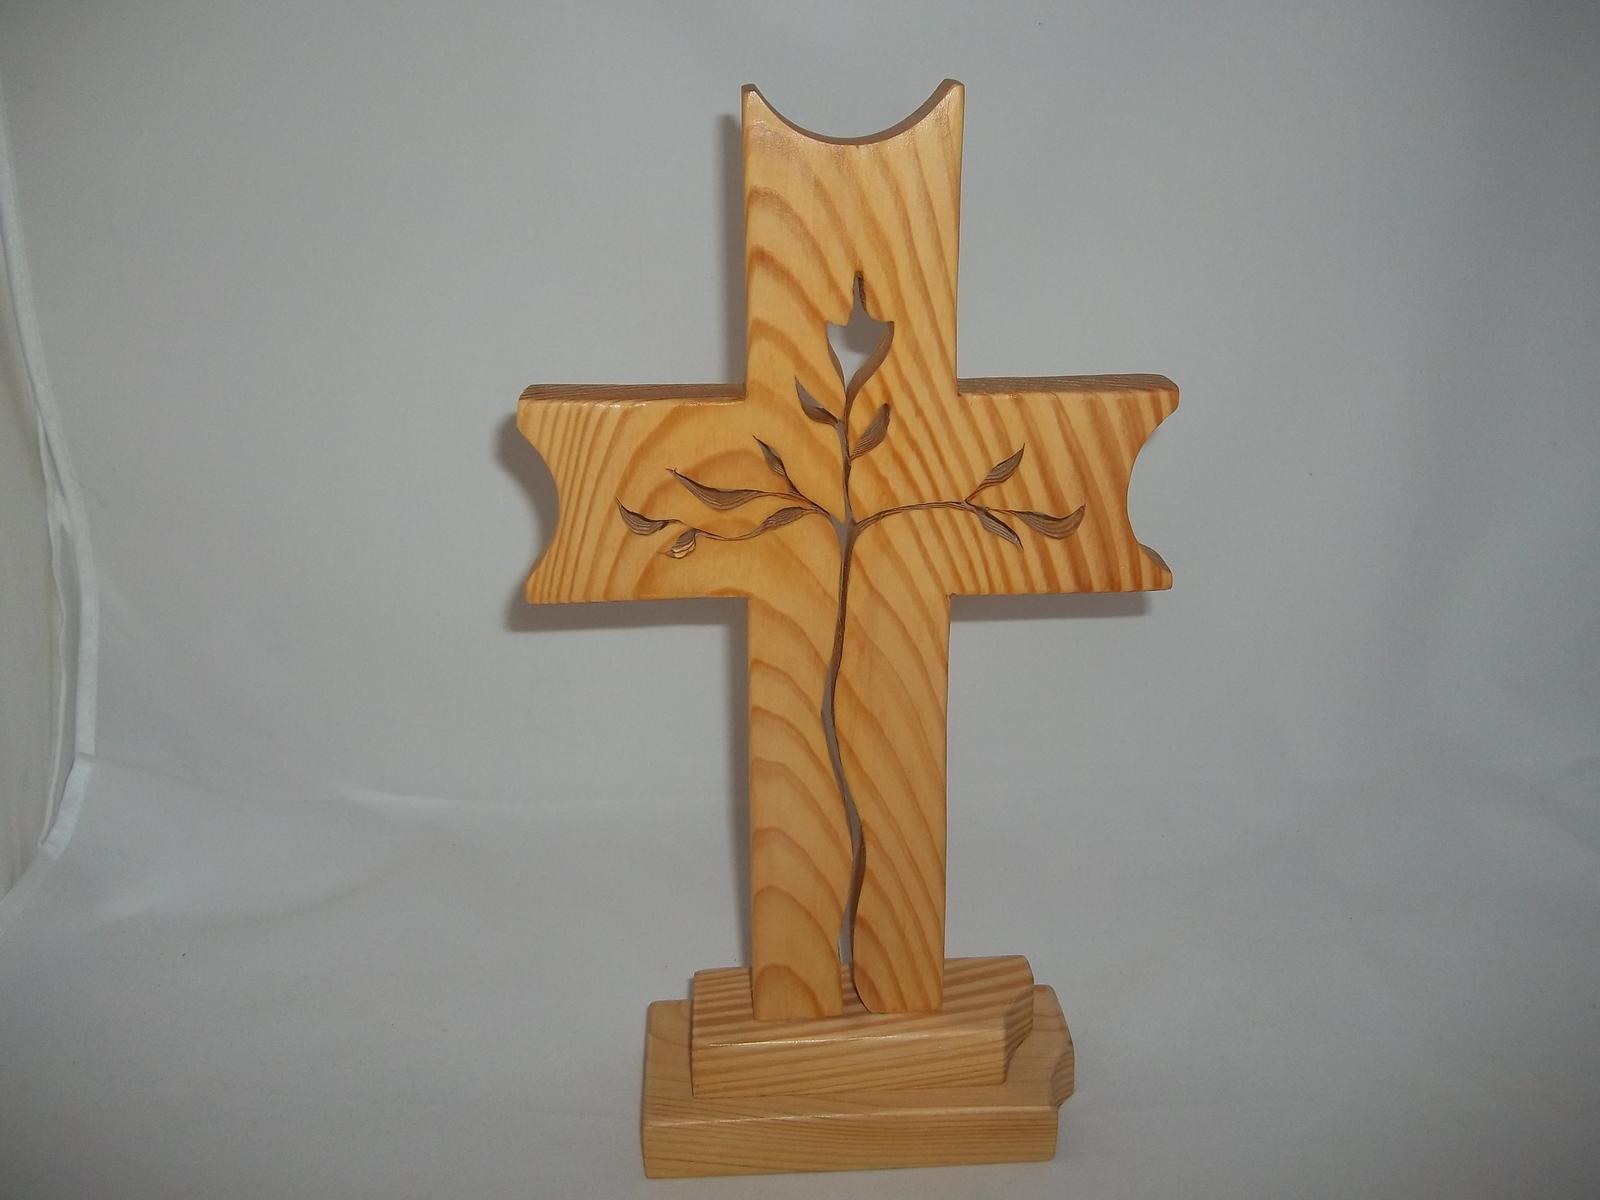 Drevený kríž - Obrázok č. 1